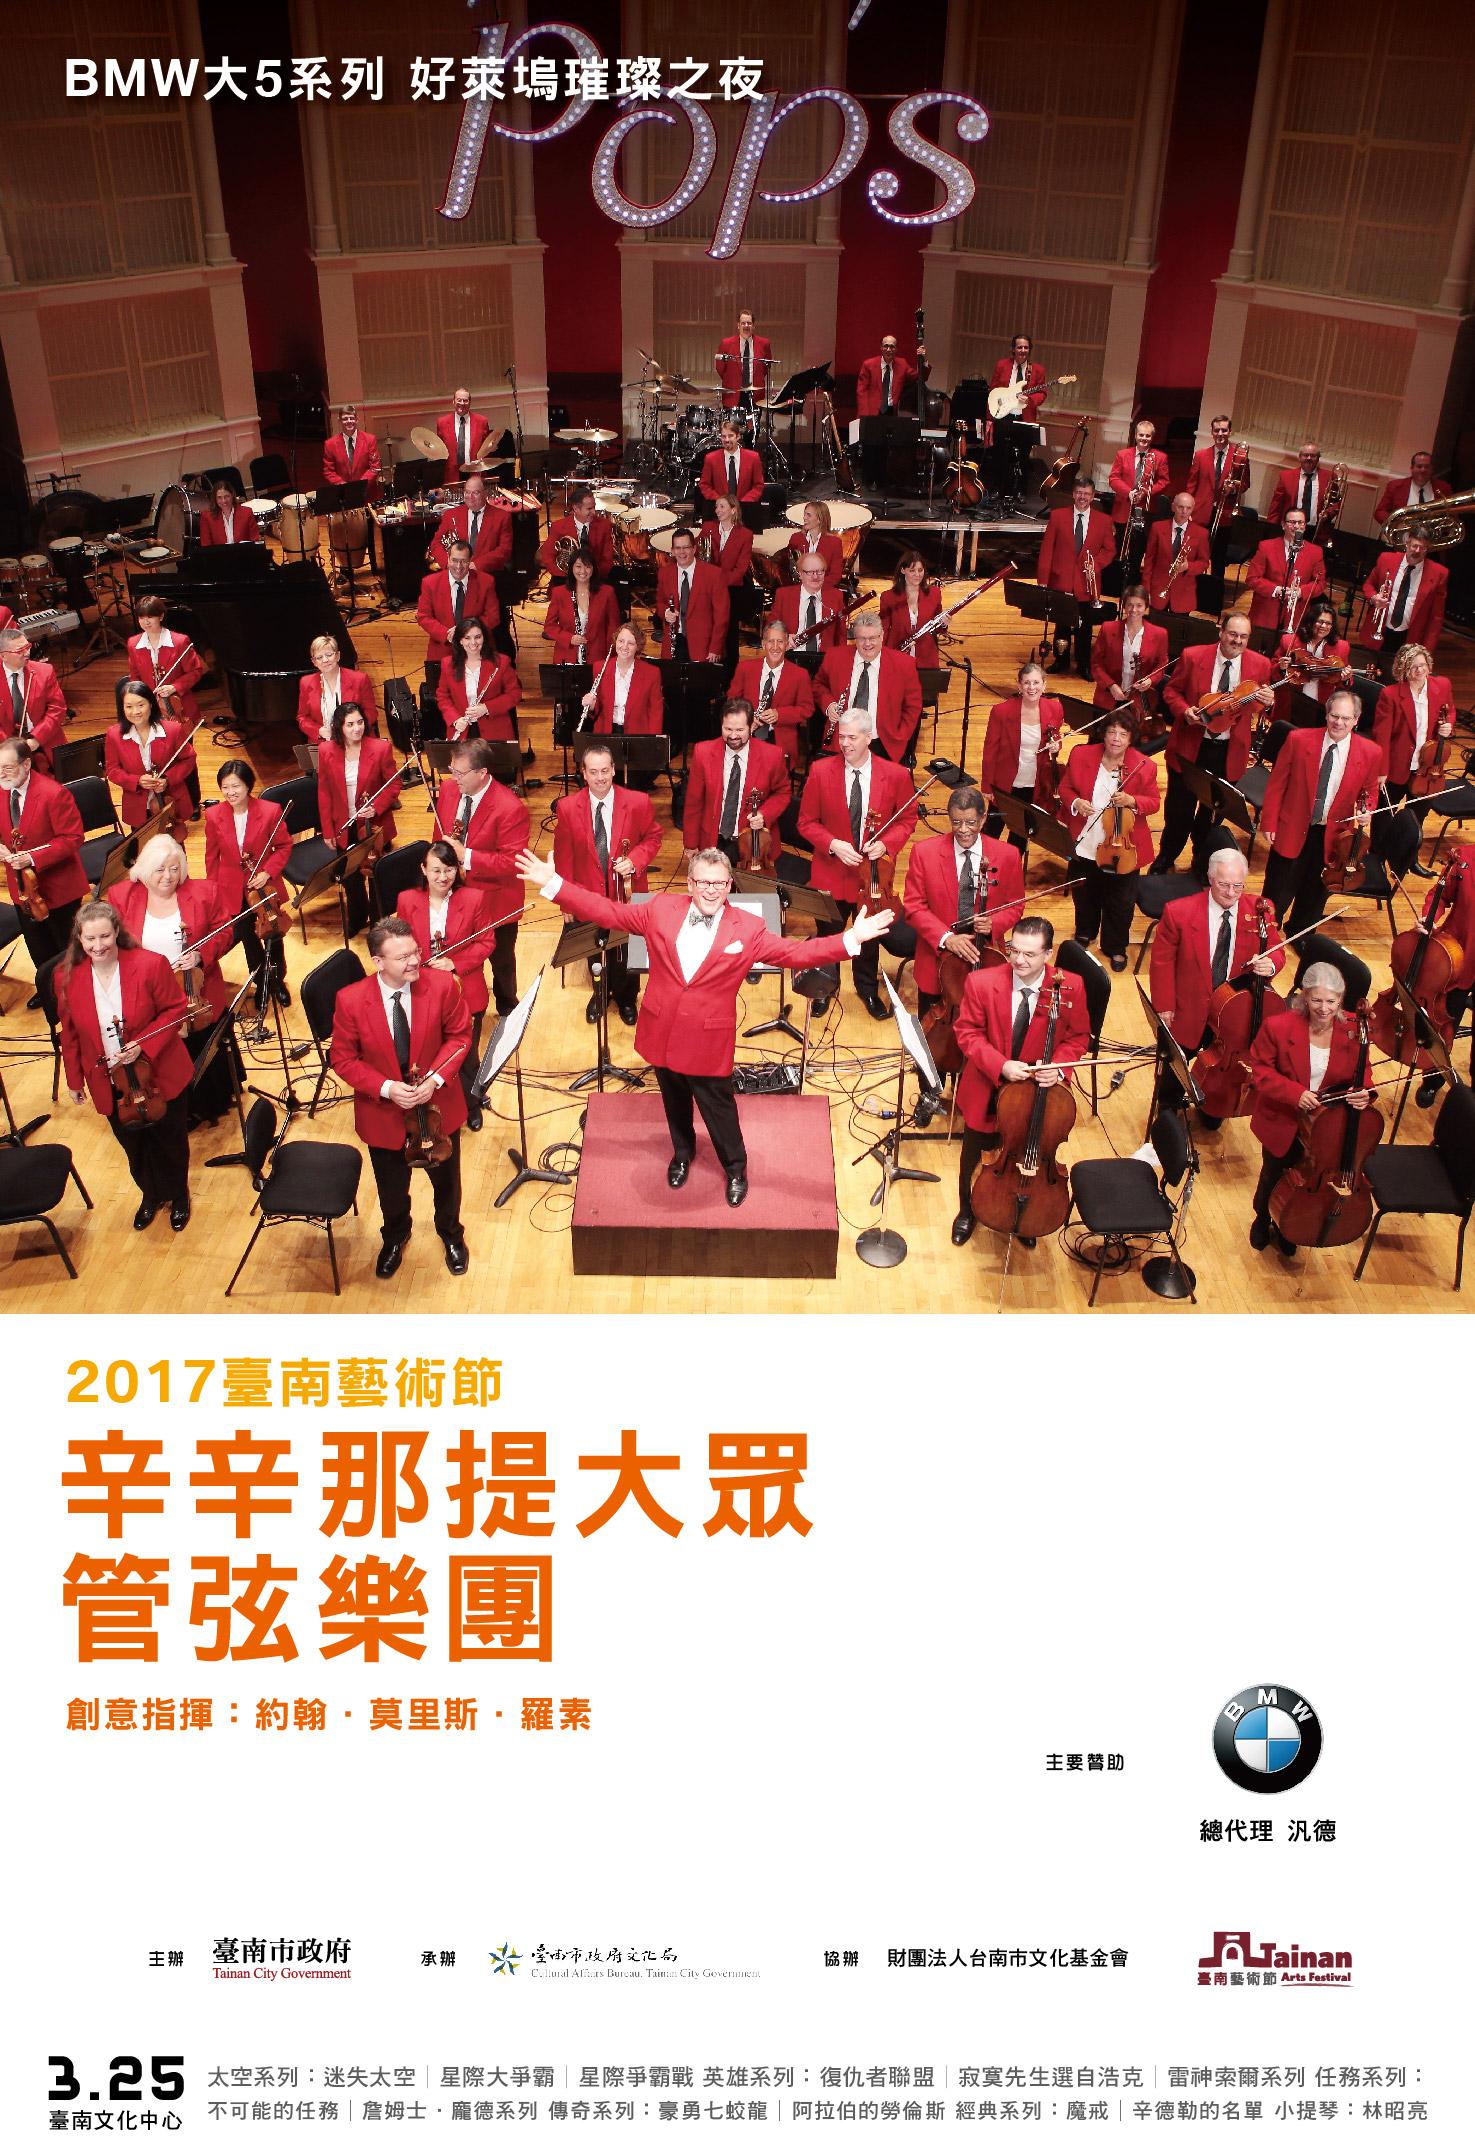 [新聞照片一]「BMW大5系列 好萊塢璀璨之夜─辛辛那提大眾管弦樂團」台南場.jpg